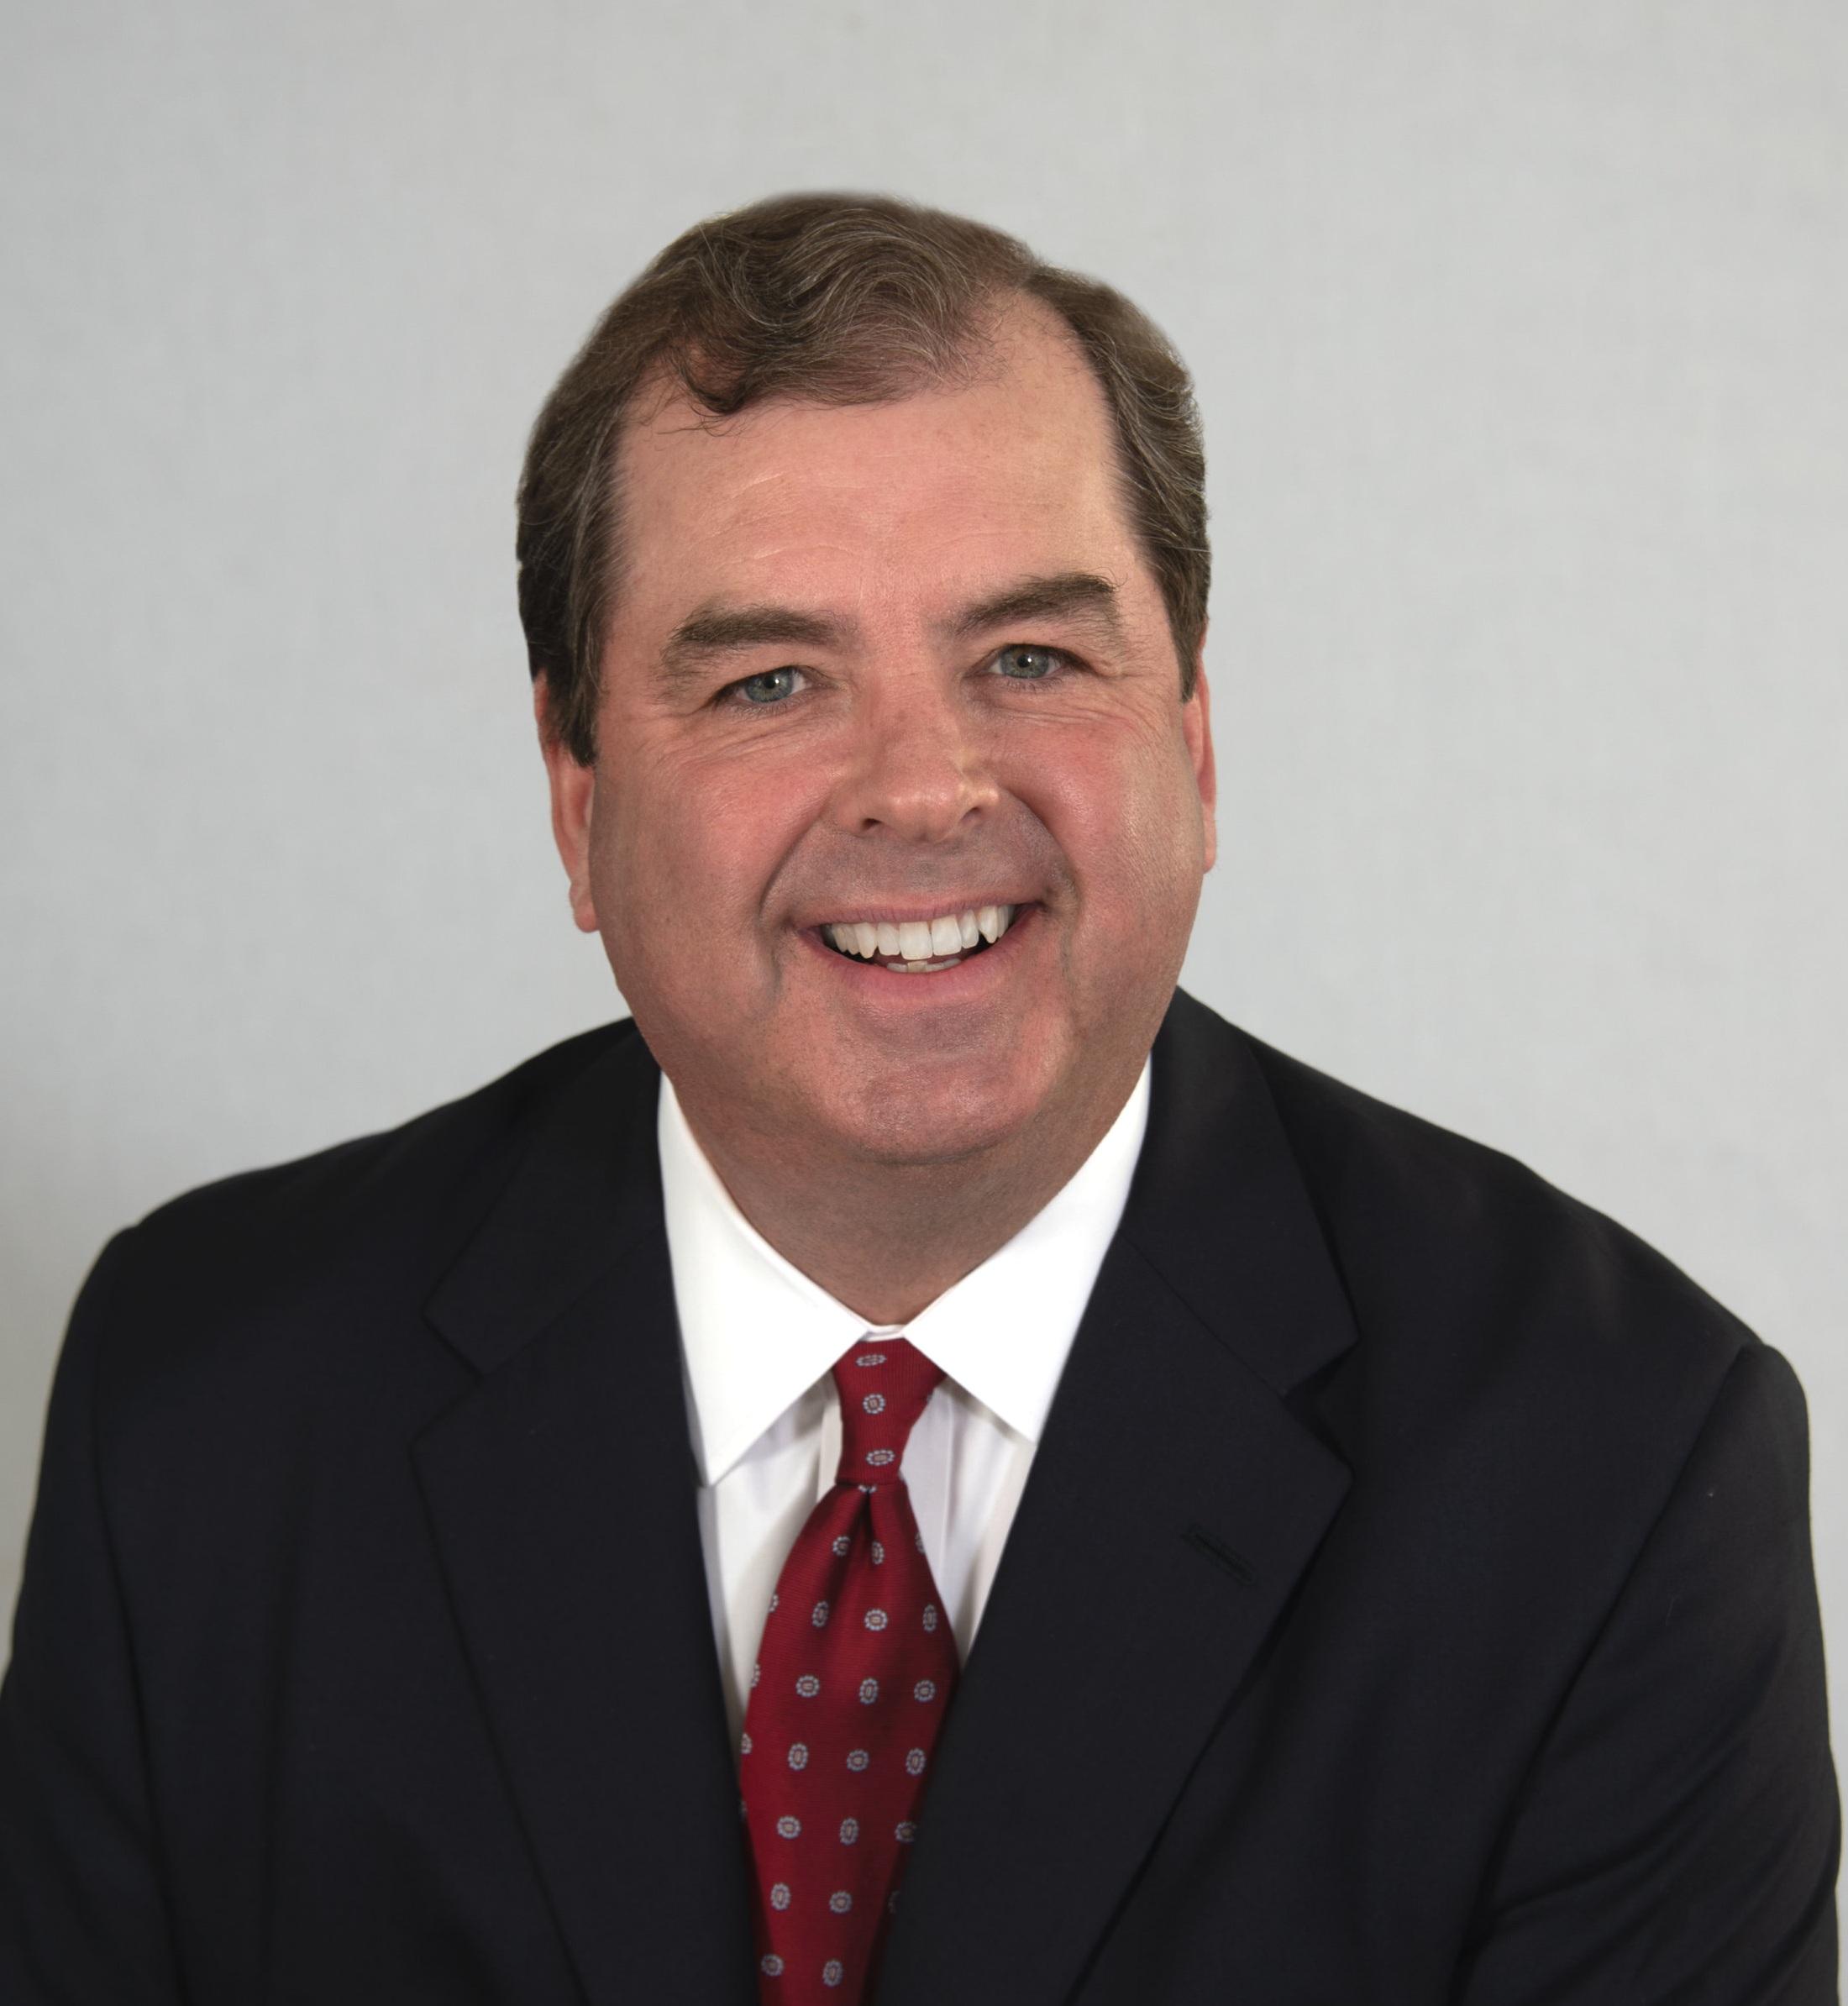 Stephen R. Foley